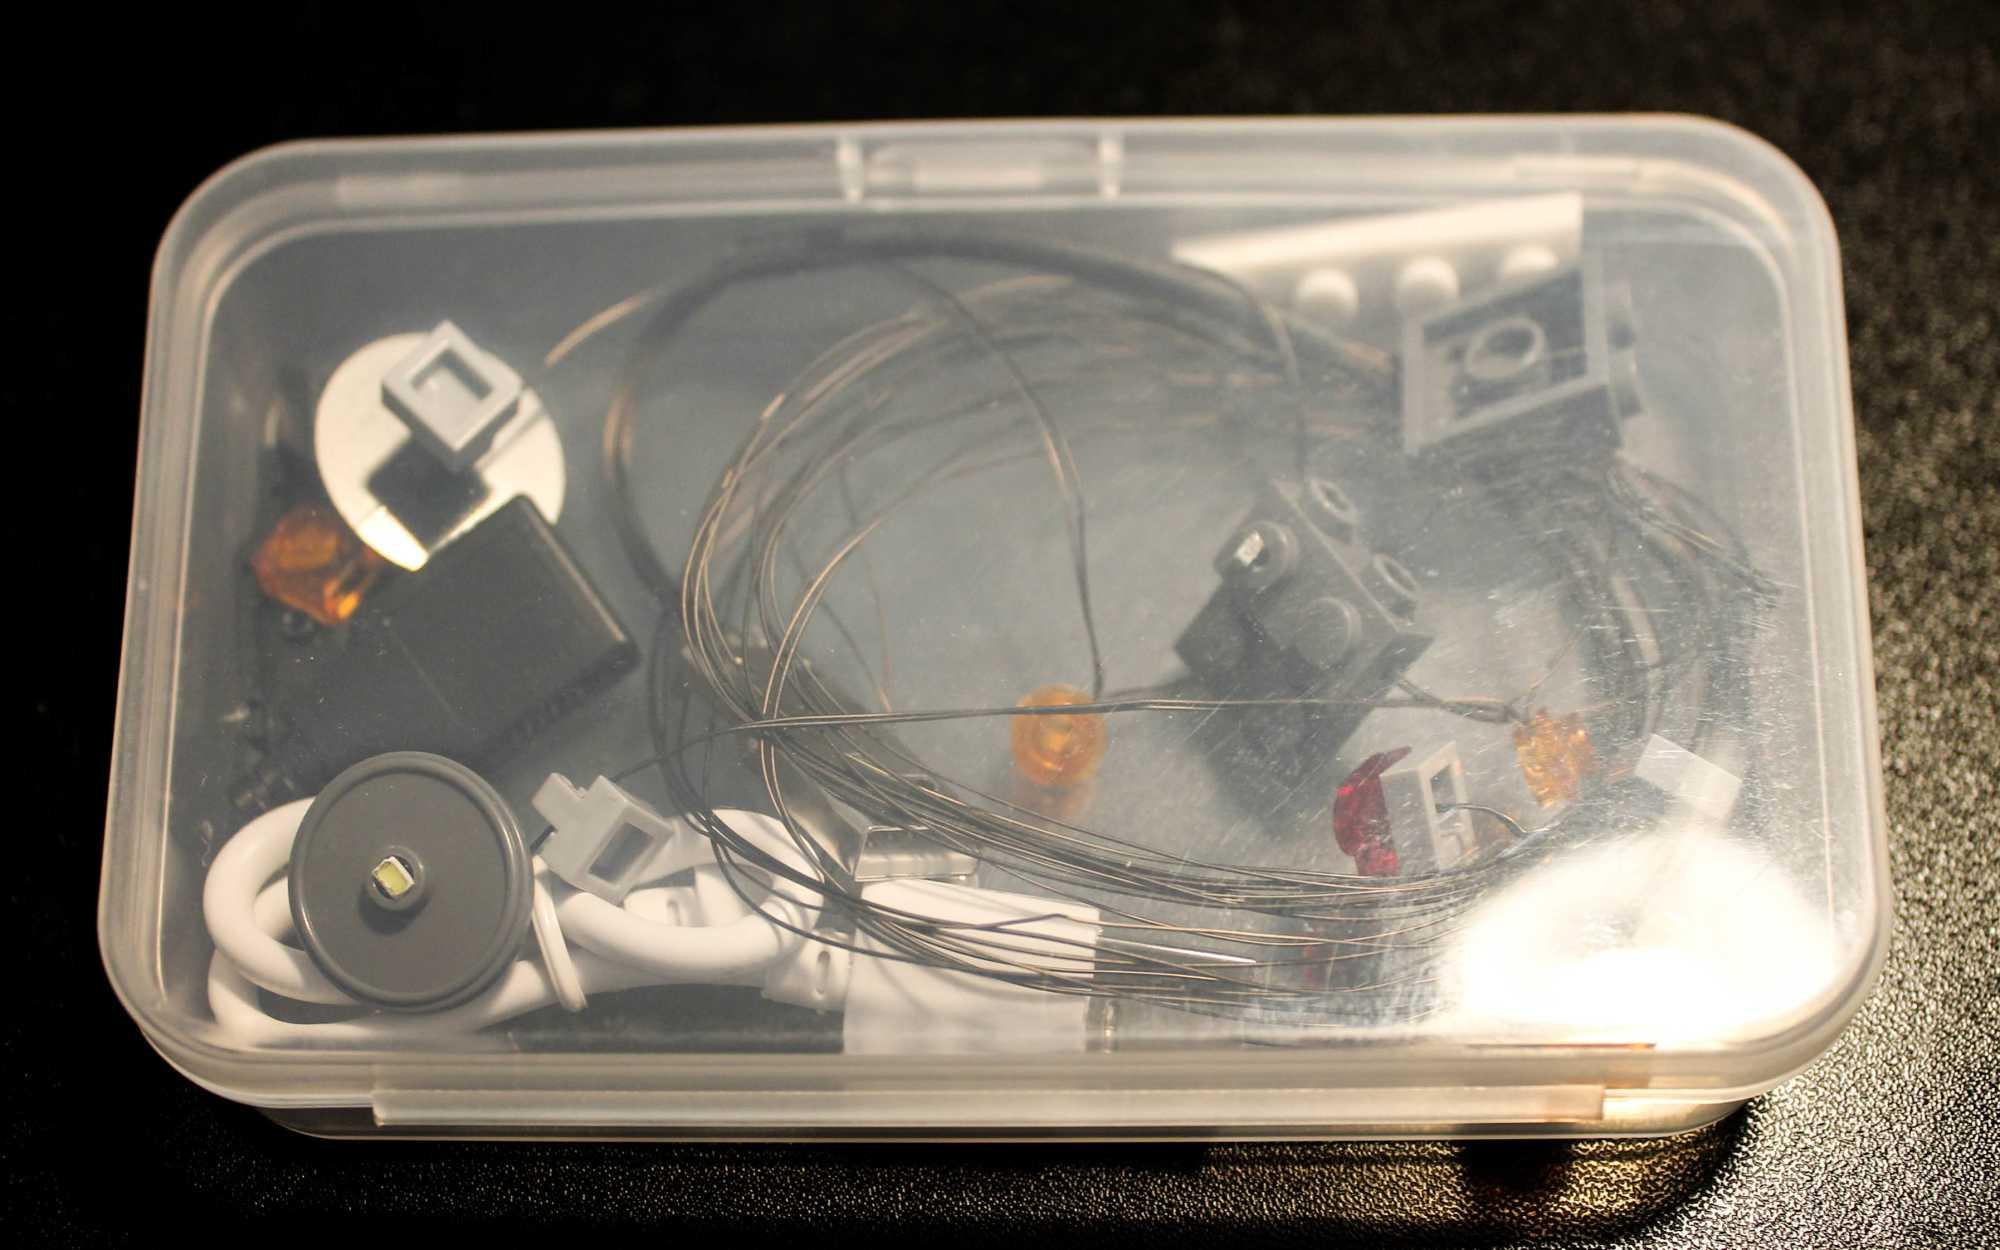 Eine durchsichtige Plastikdose mit Elektronik drin.